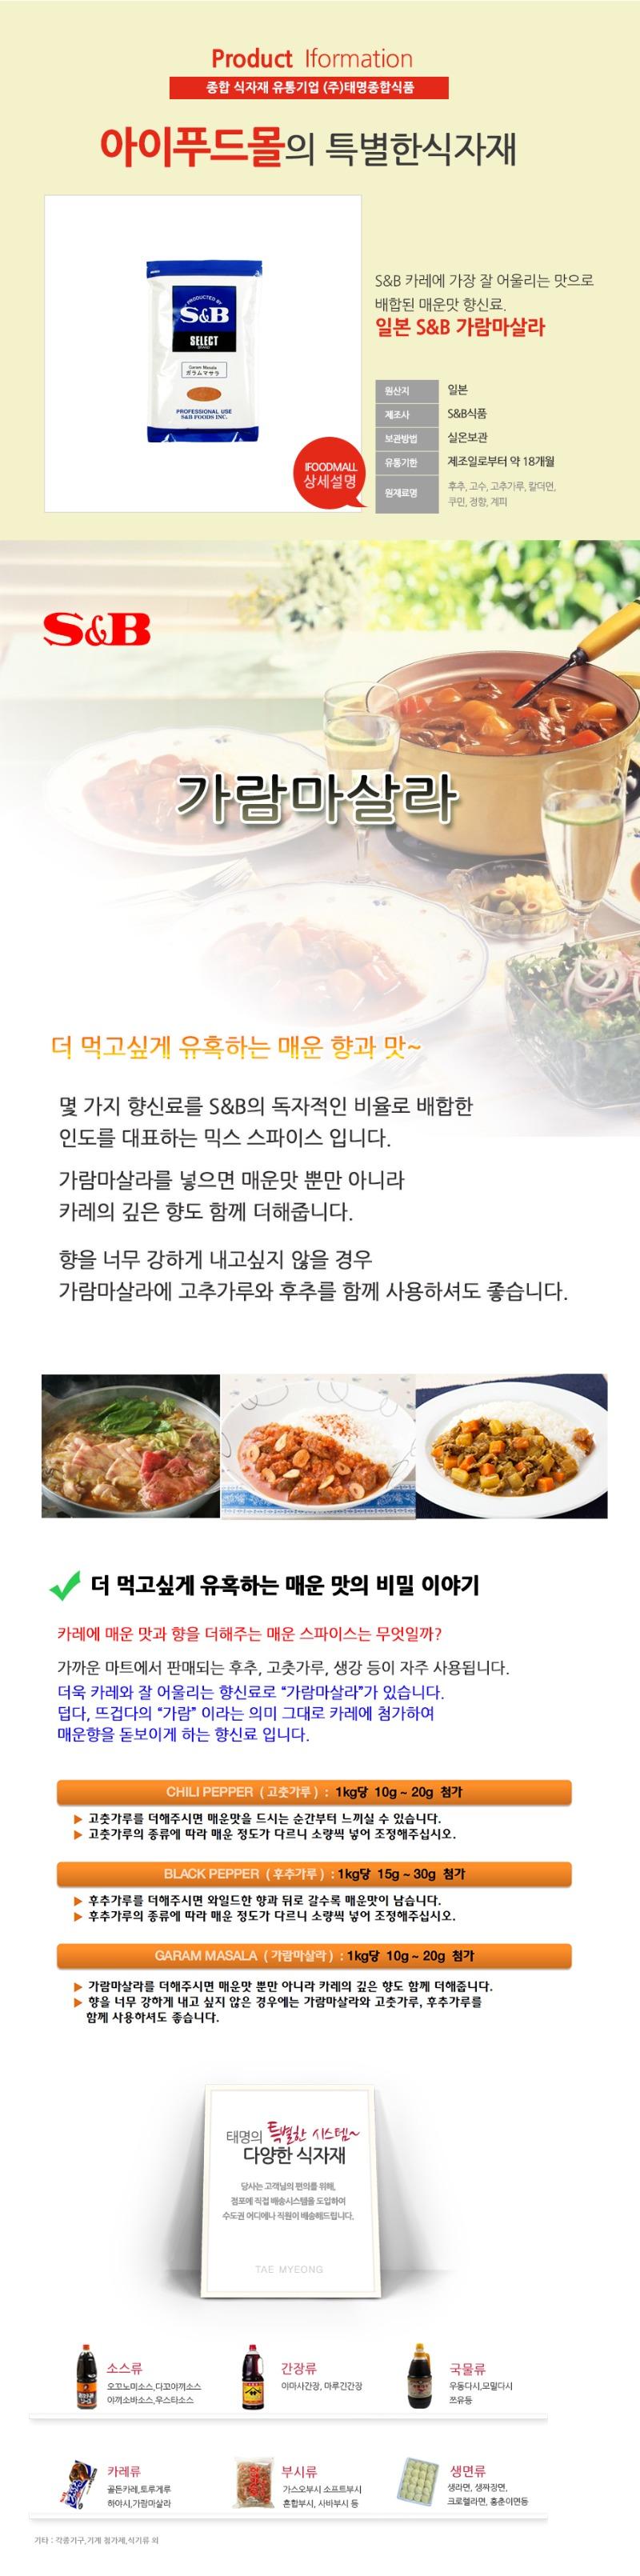 가람마살라 500g(op) 상품정보1.jpg